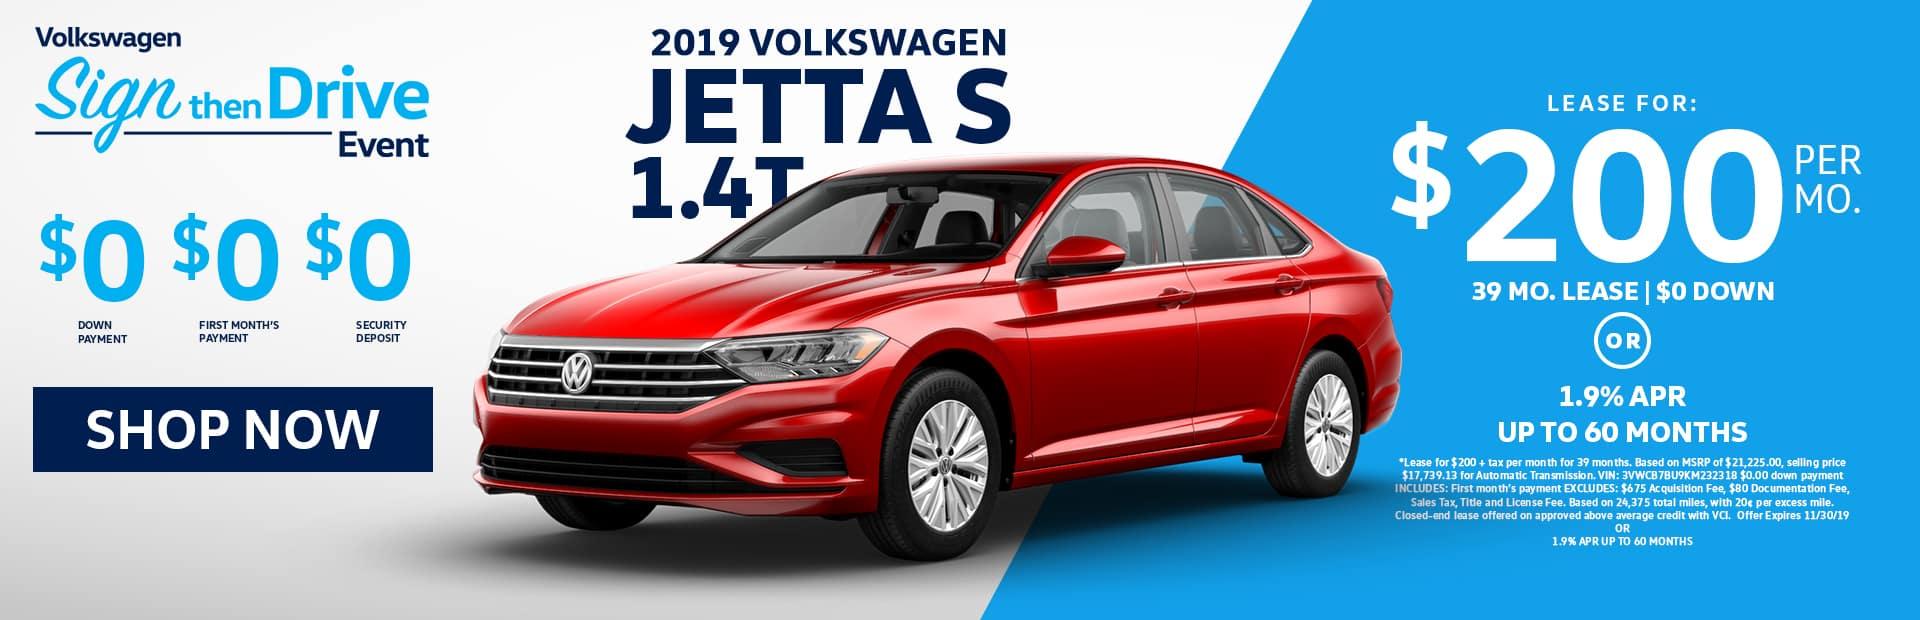 New VW Jetta lease offer in glendale near los angeles Ca